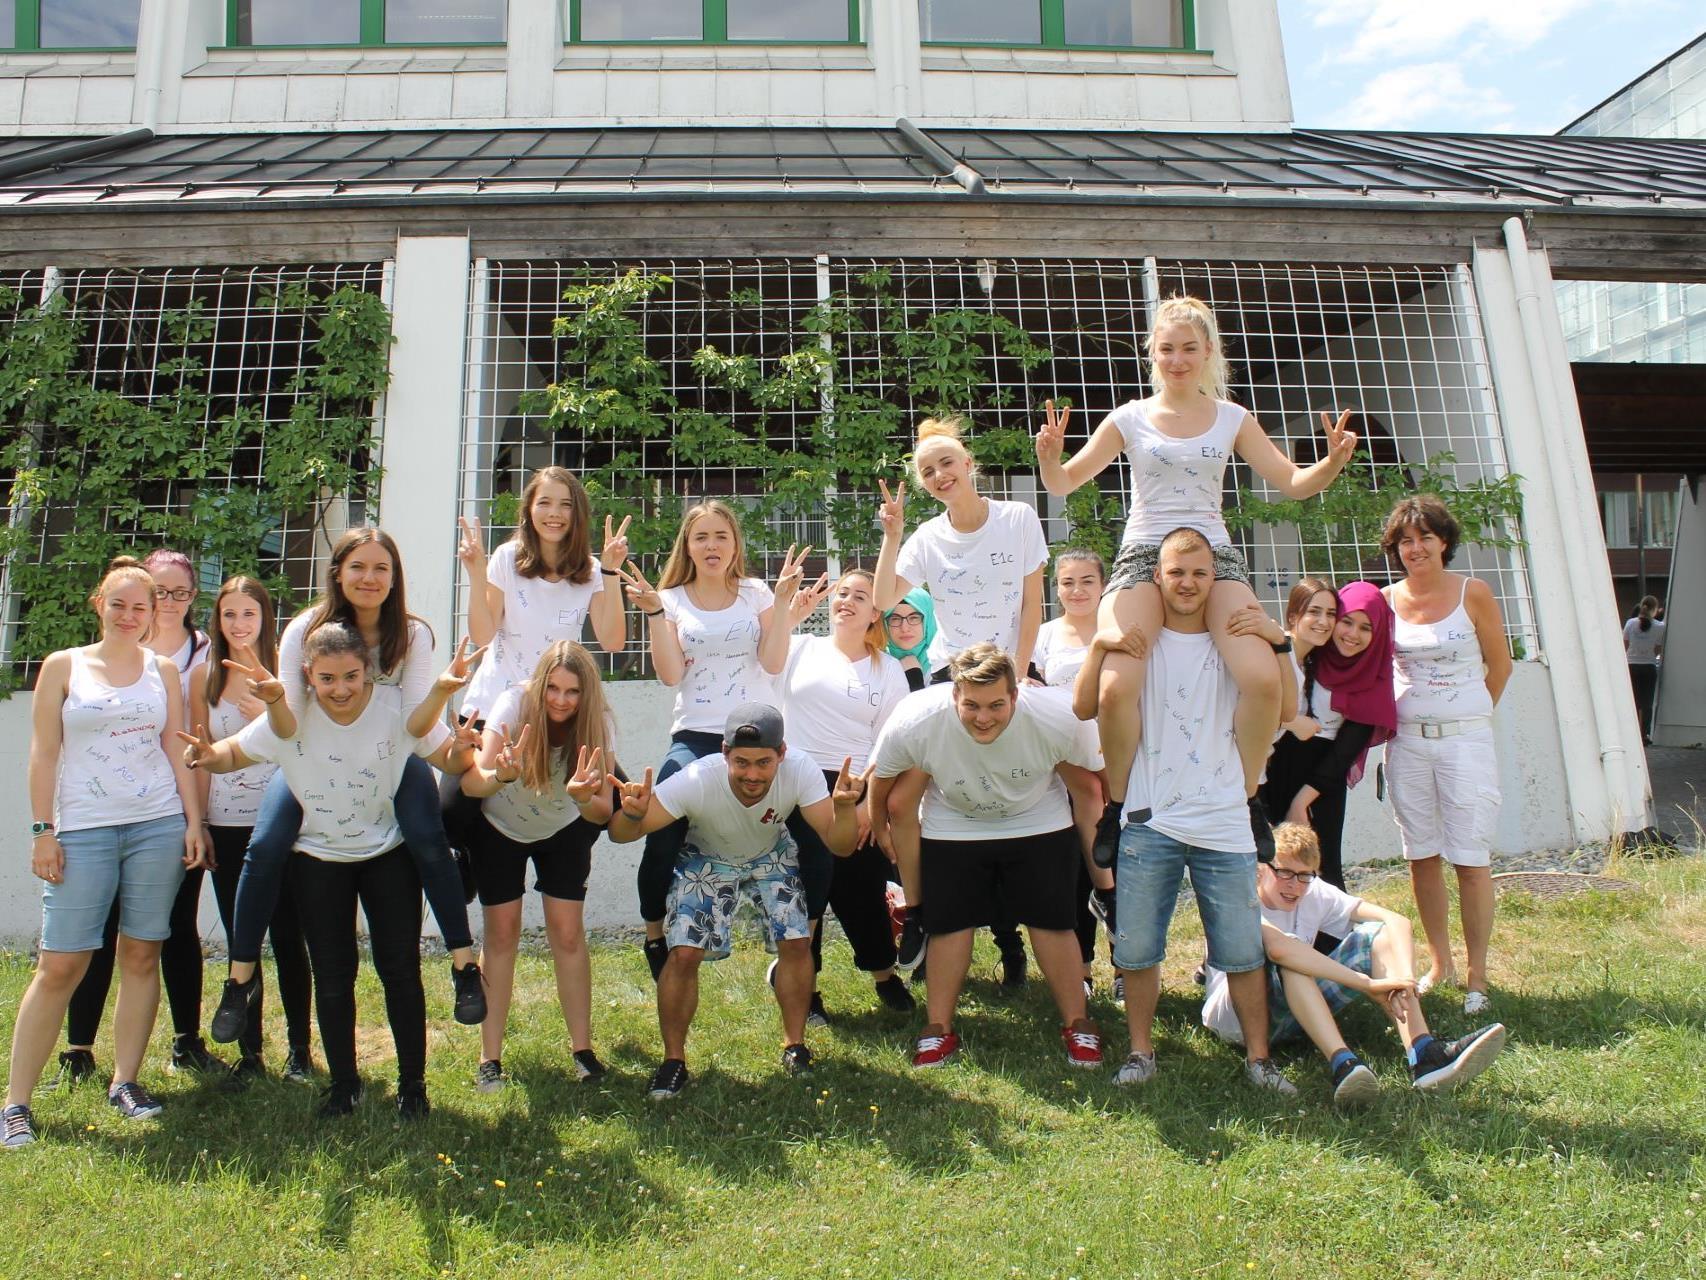 Die Erlöse des Sommerfestes am Dienstag gehen an das Vorarlberger Kinderdorf.